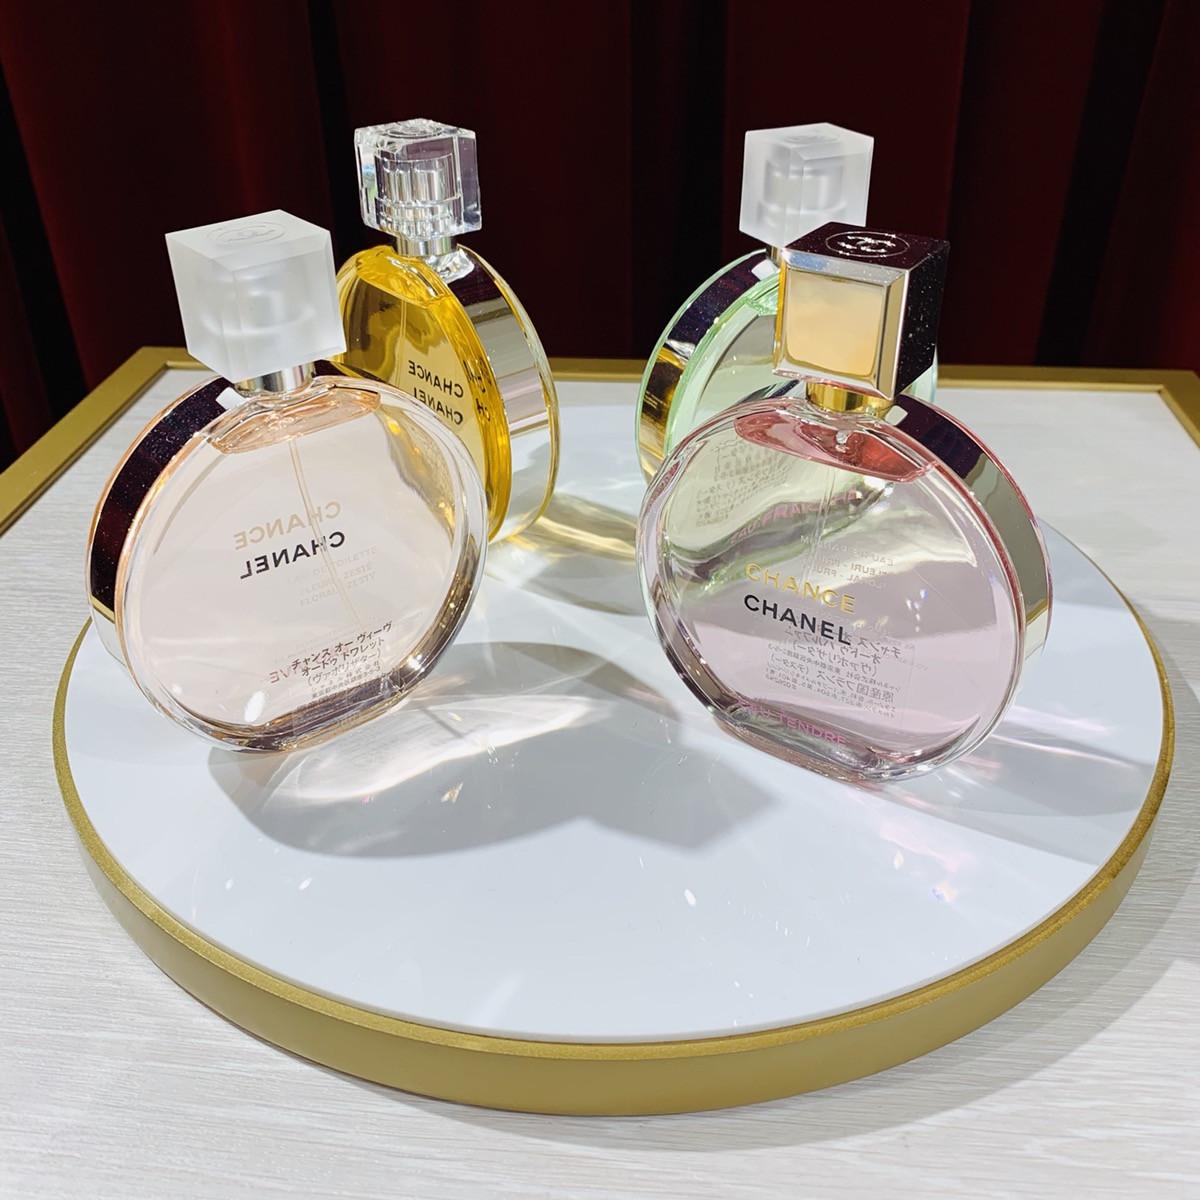 シャネルの新しい香り「チャンス」を楽しめる仕掛けが満載! 表参道のSO-CAL LINK GALLERYで、ポップアップイベント開催_1_1